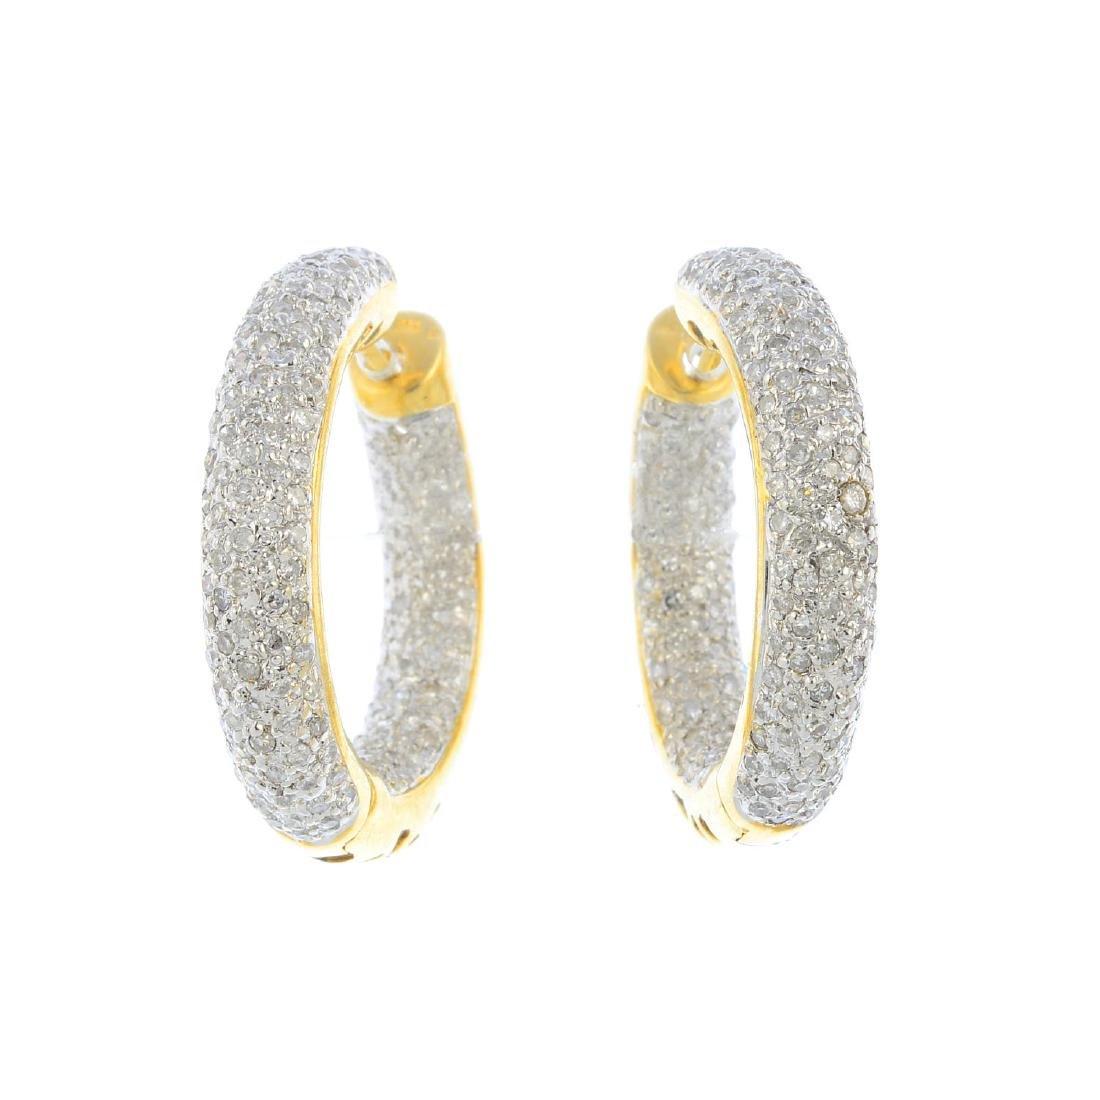 (205944) A pair of diamond hoop earrings. Each of